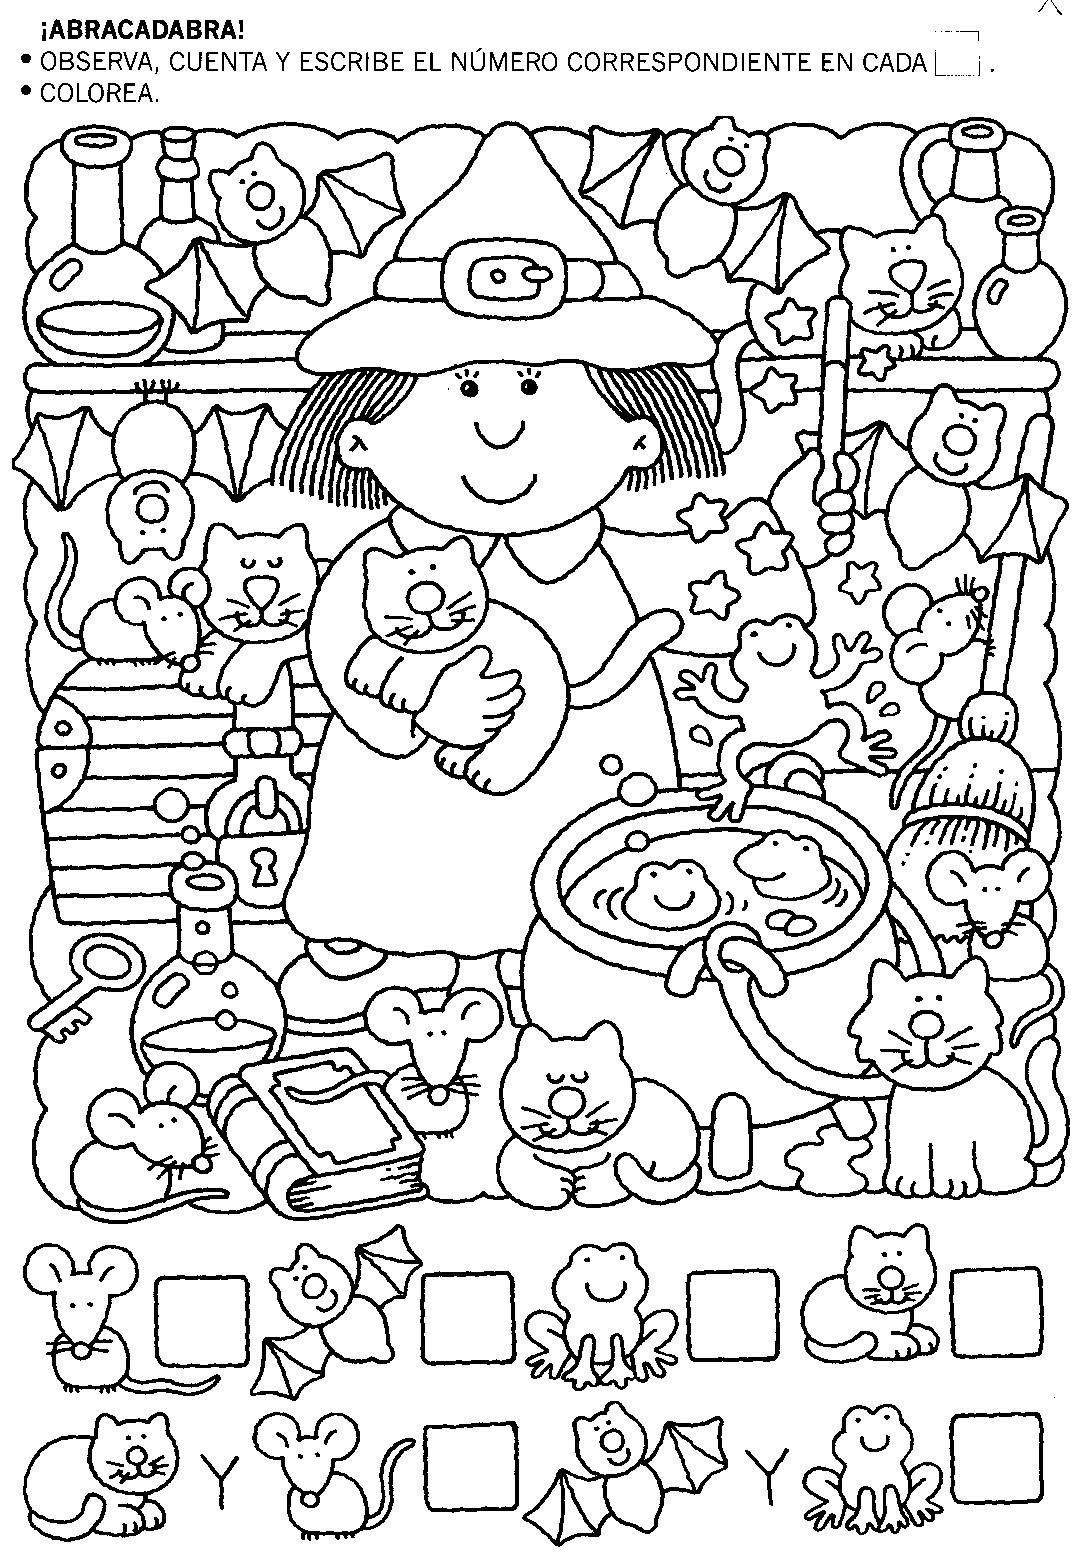 imagen-de-animales-para-colorear-y-juego-de-ninos